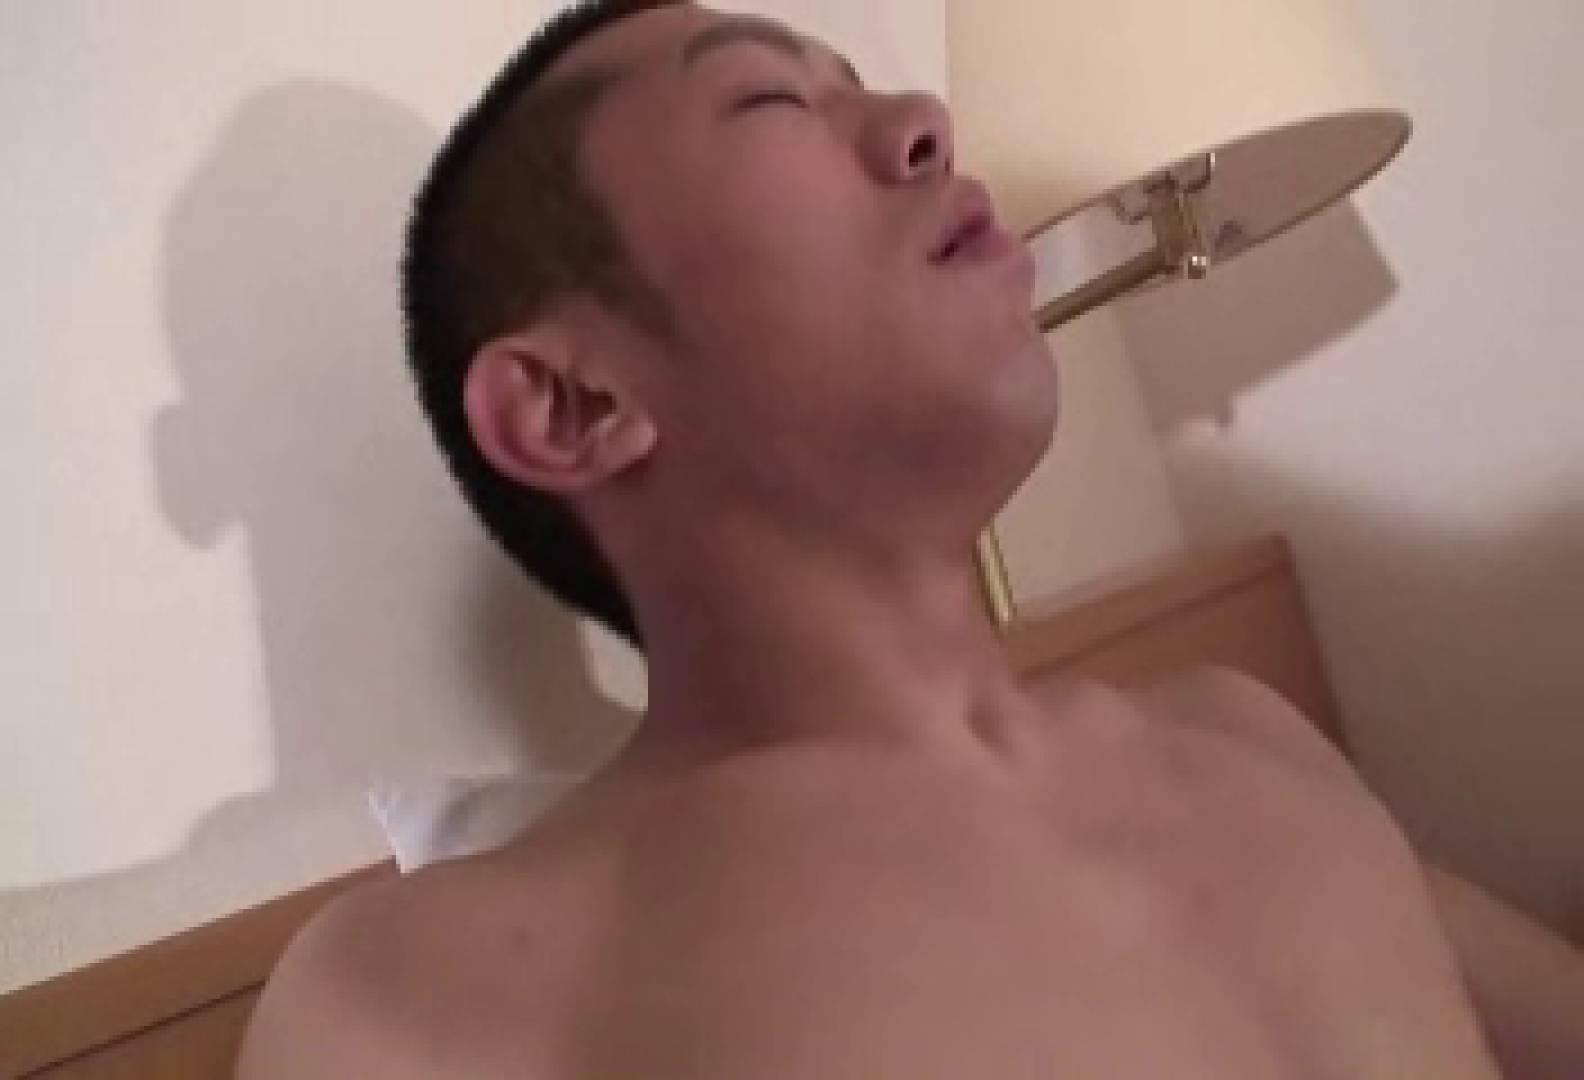 スリ筋!!Nice Finish!!vol.03 生だしチンポ ゲイモロ見え画像 74画像 68